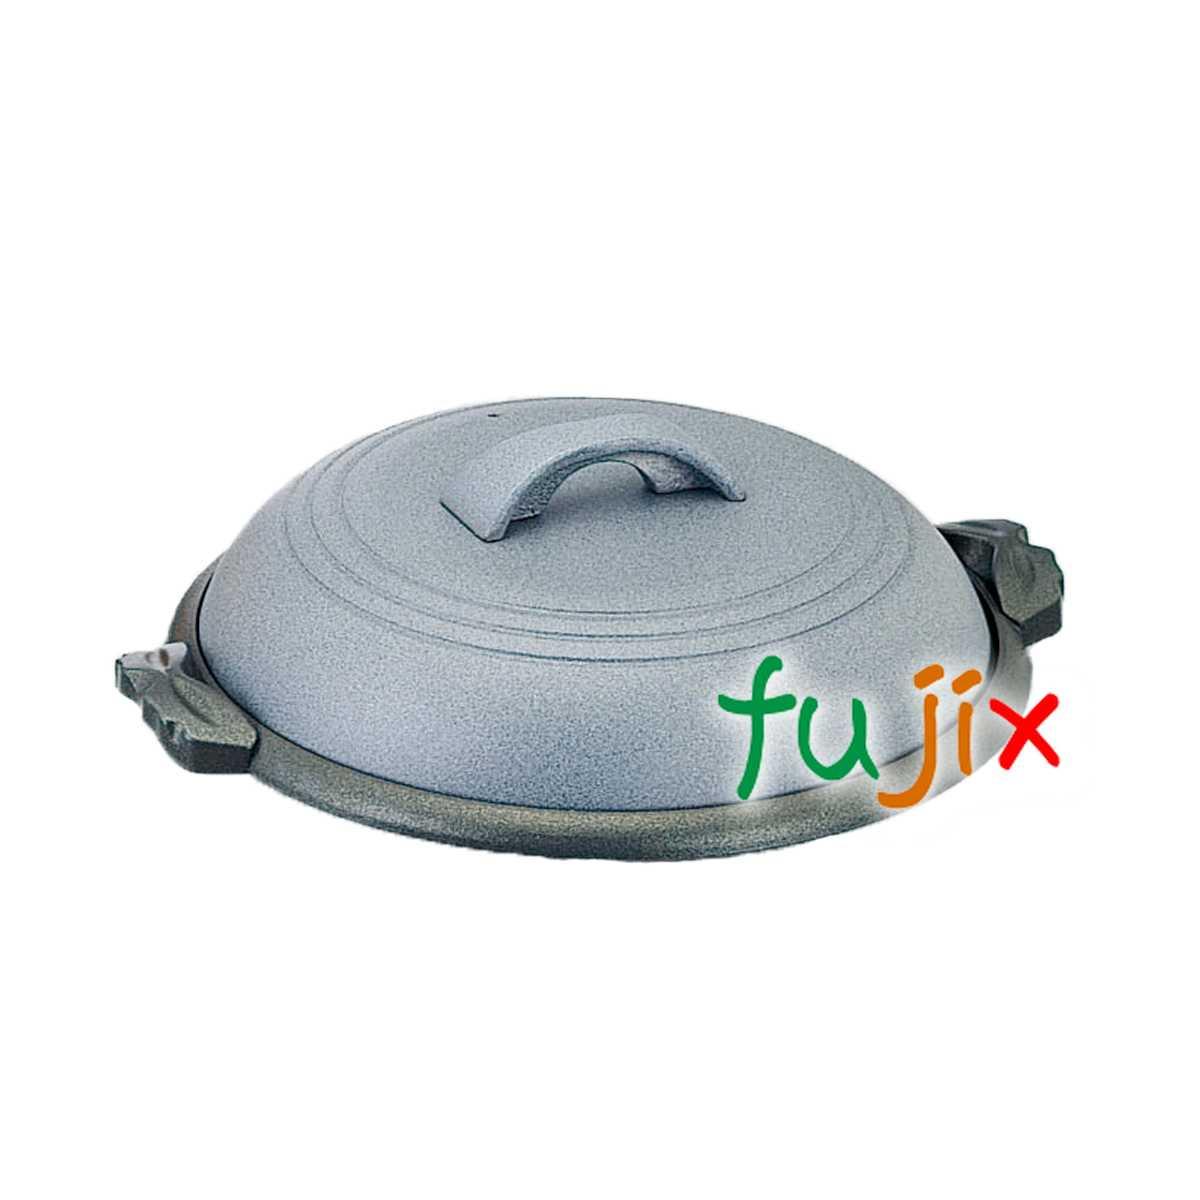 関脇陶板 素焼き茶 1個 M10-543 アルミ合金製 フッ素3コート